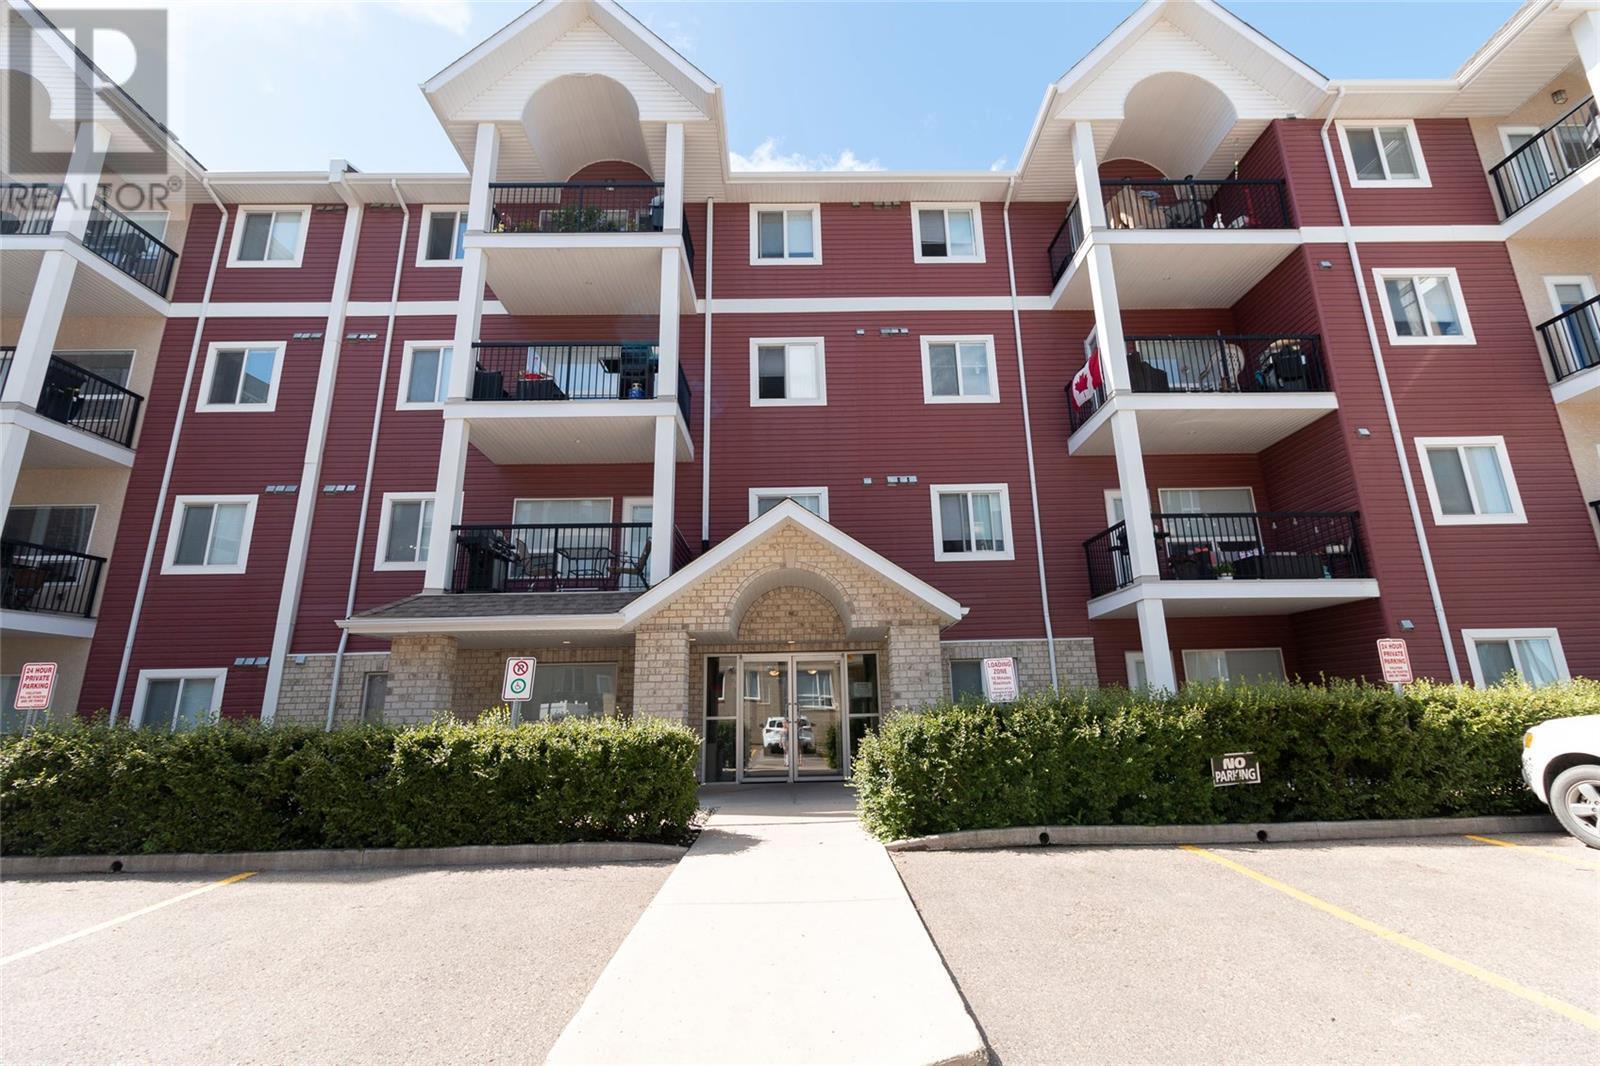 106 150 Pawlychenko LN, saskatoon, Saskatchewan